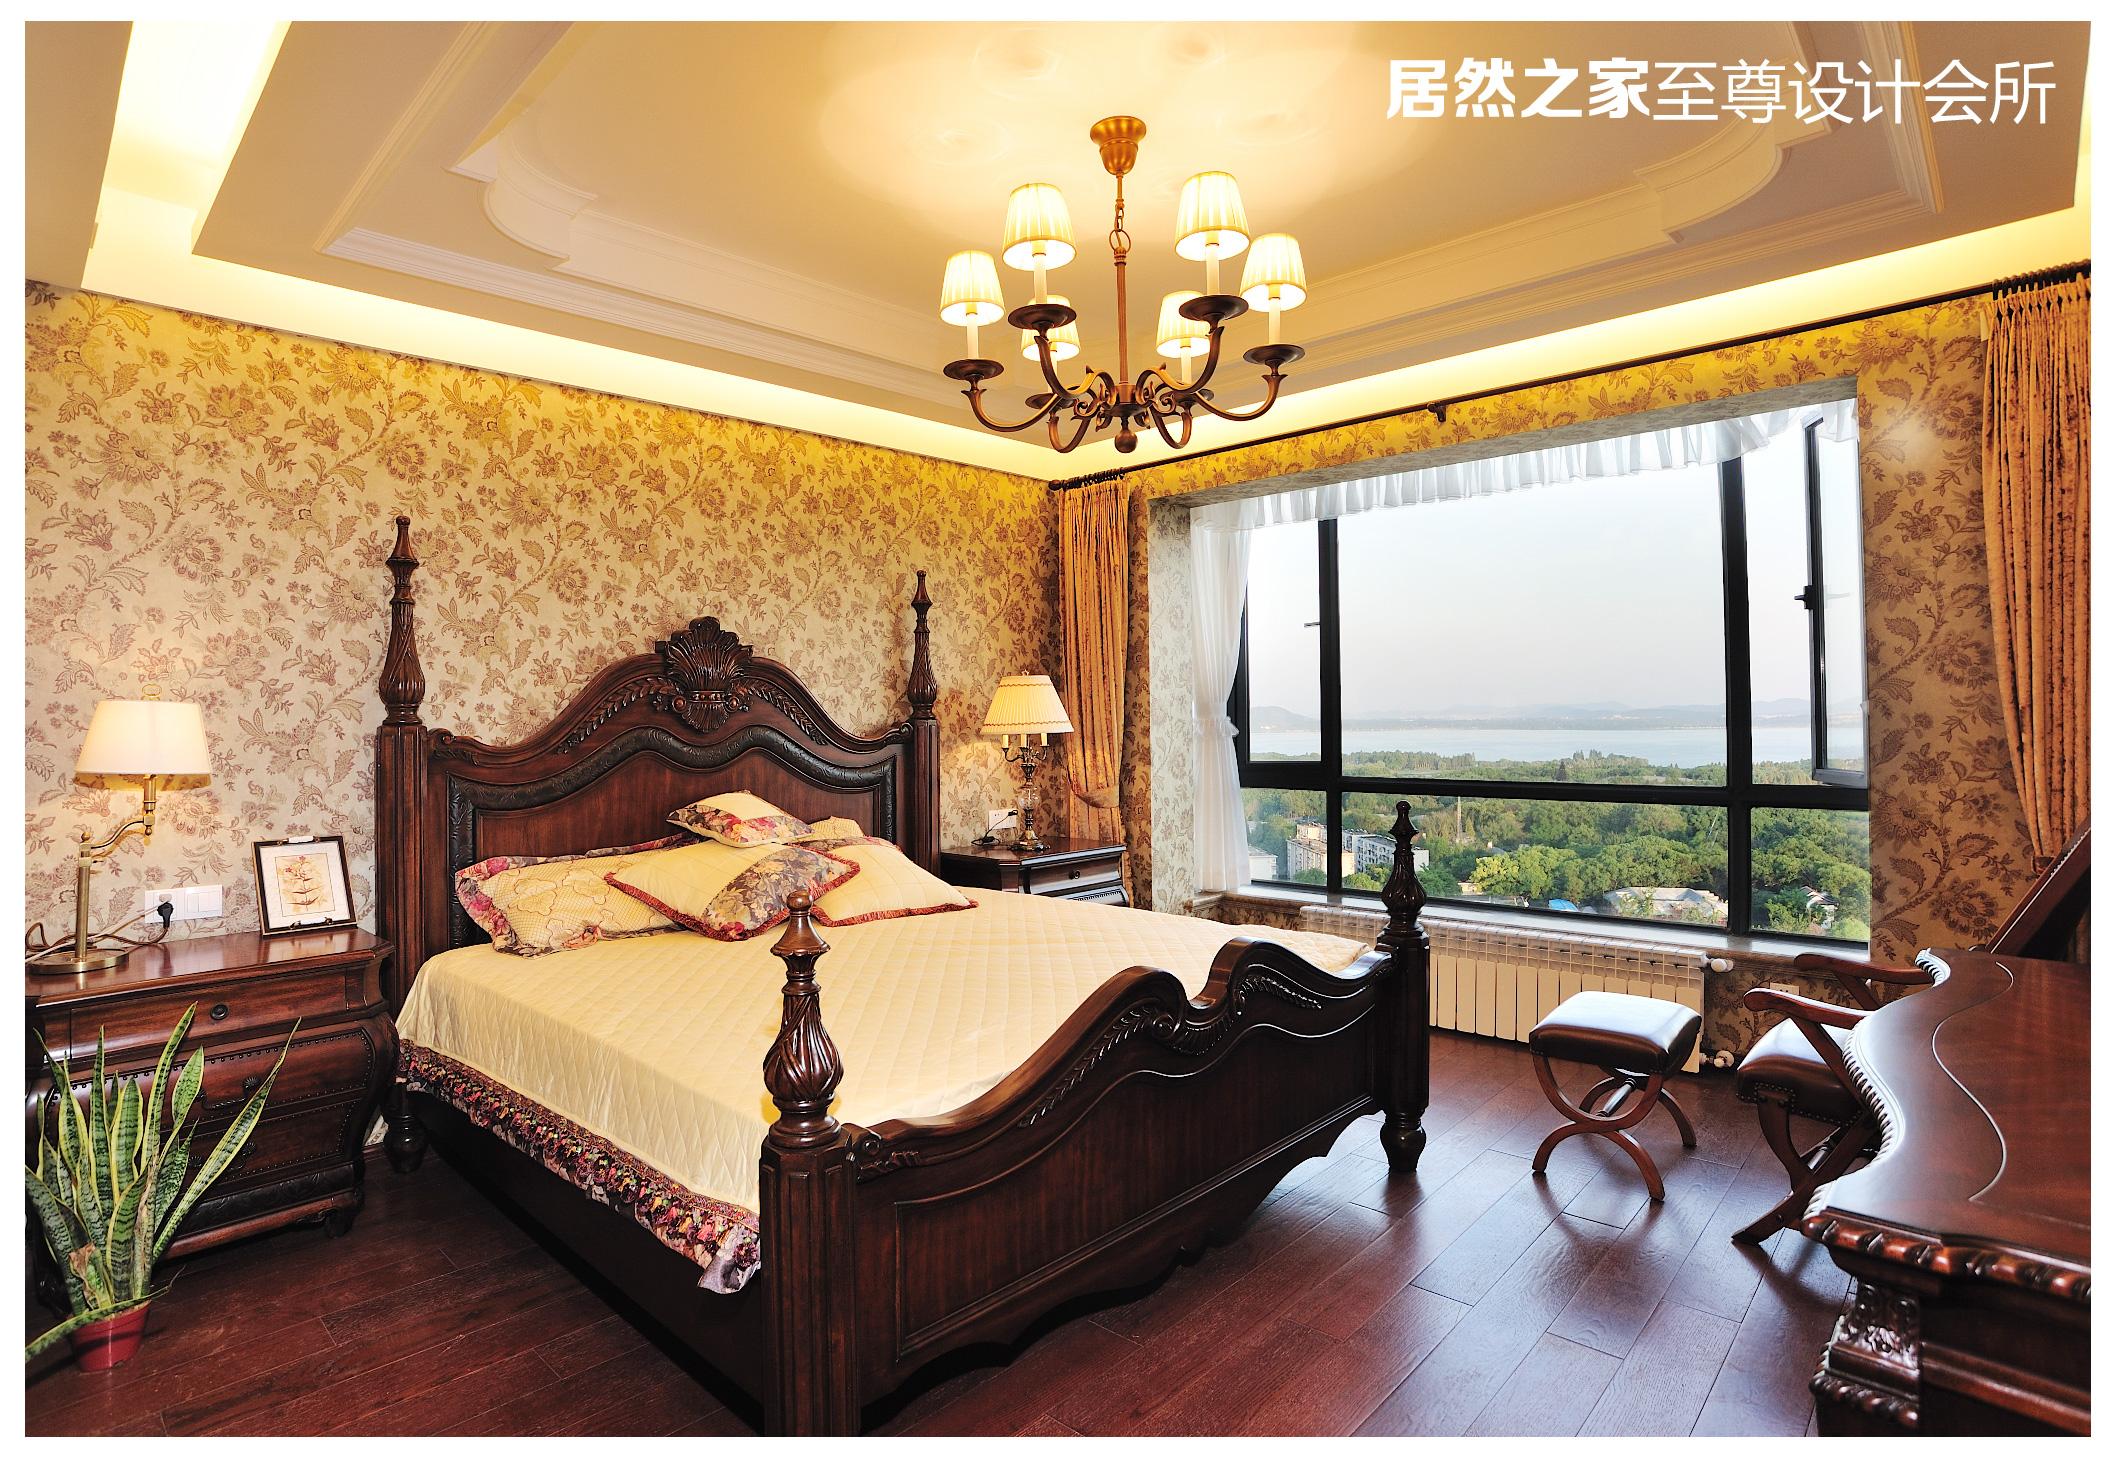 美式 古典 卧室图片来自武汉天合营造设计在复地东湖国际美式古典风情的分享